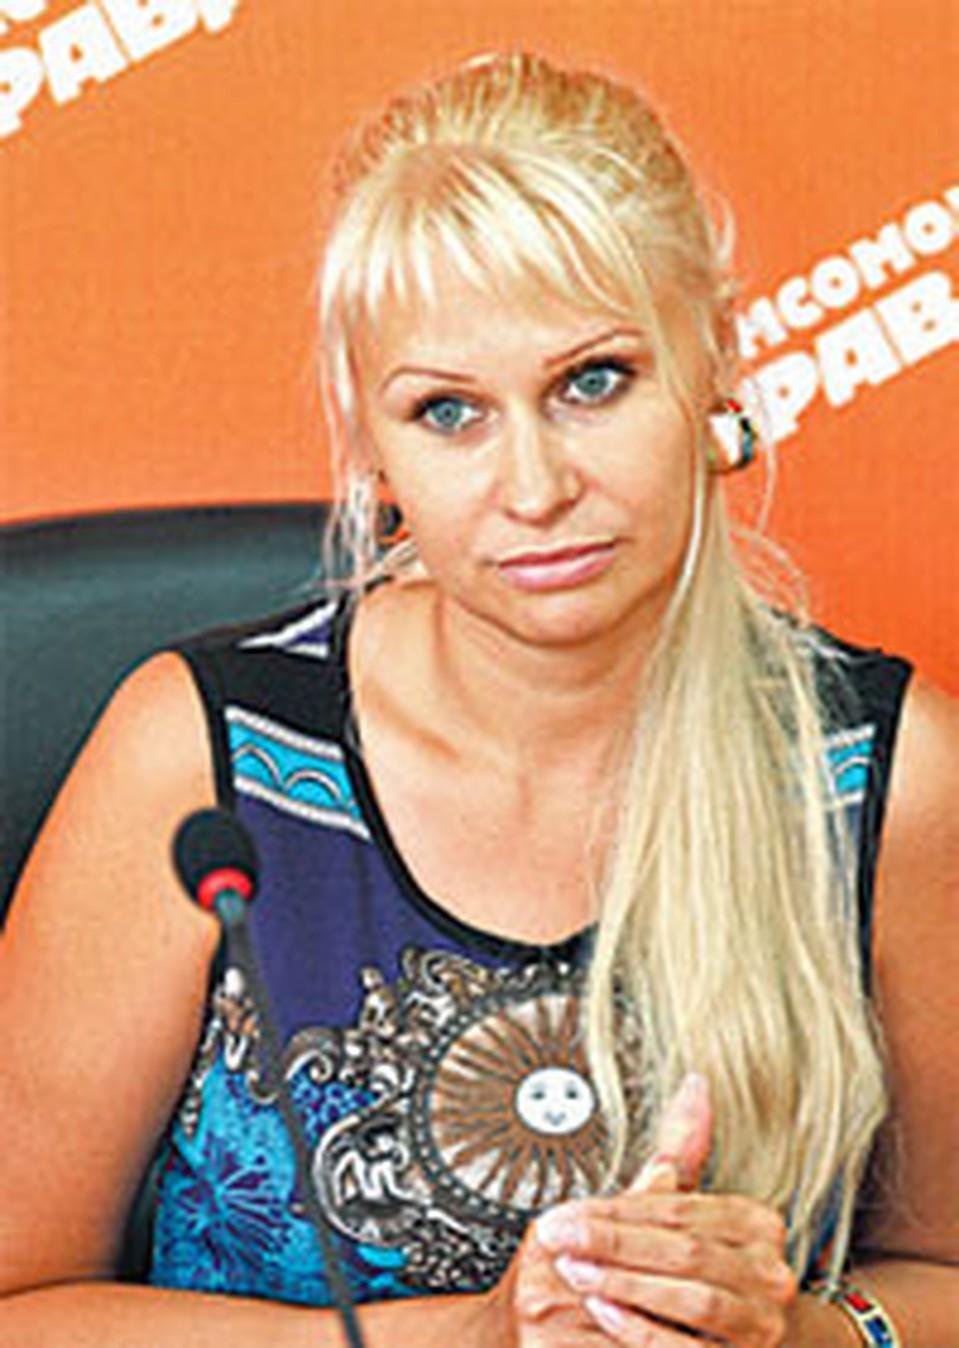 того, ирина шатская ставрополь фото было шесть лет